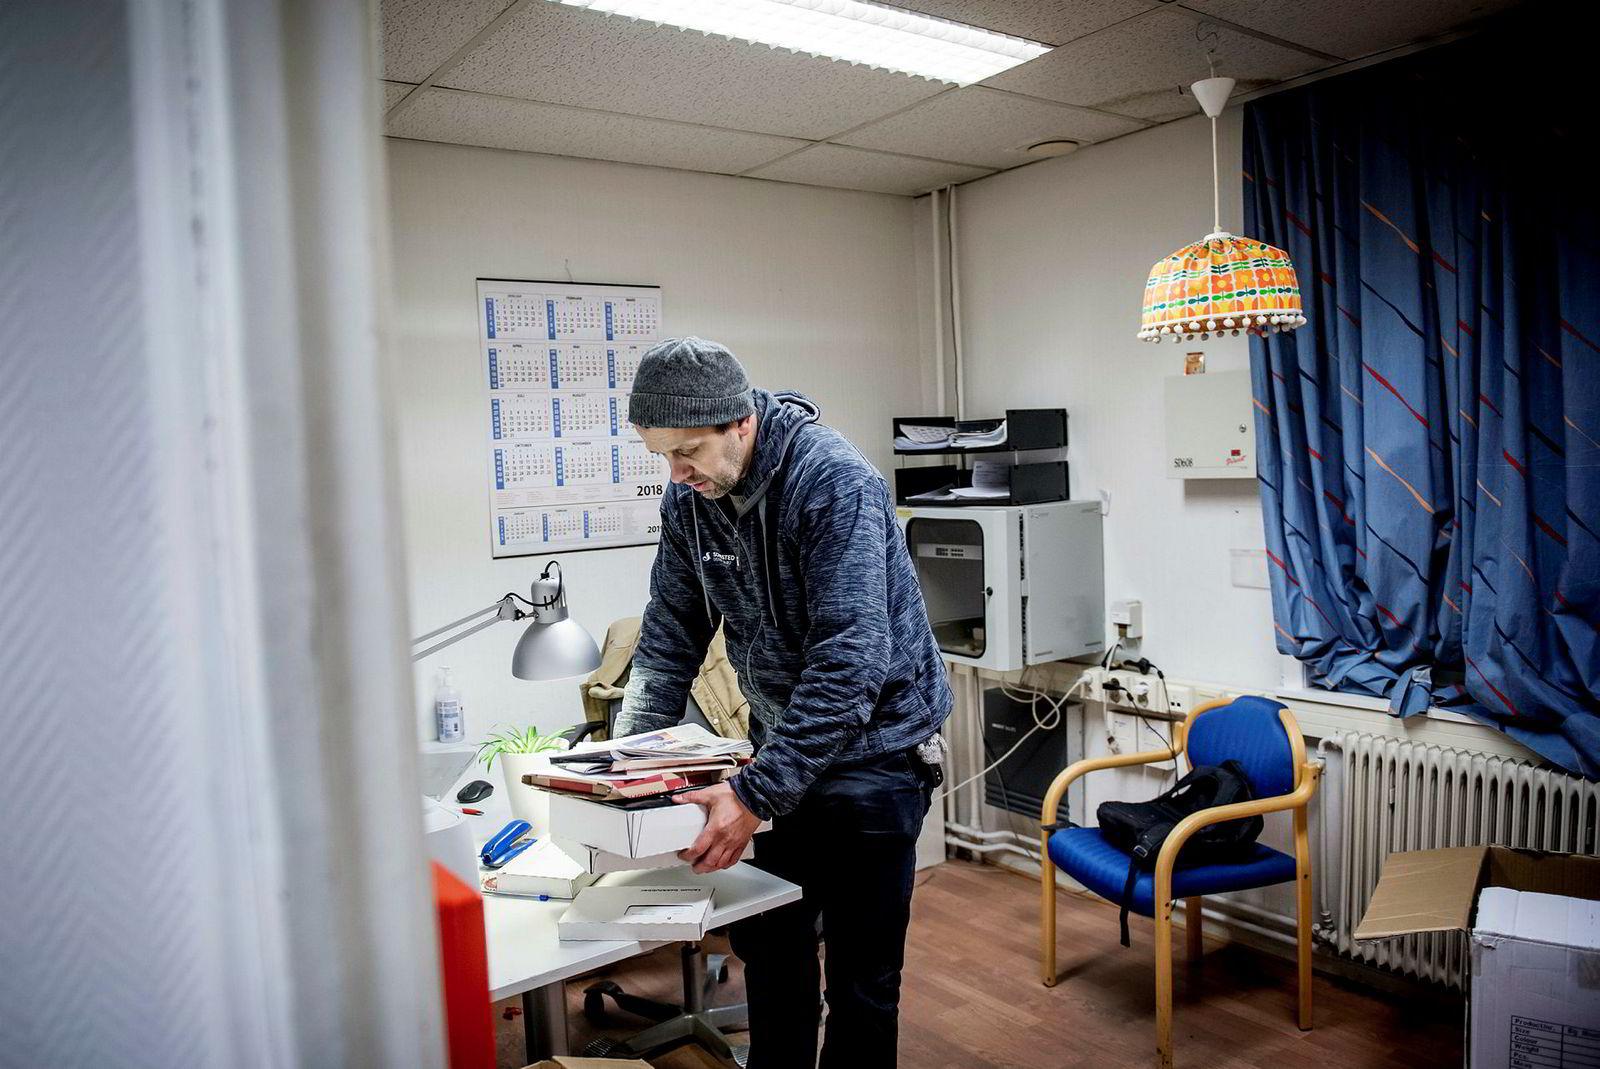 Rune Johansen jobber for budtjenesten Helthjem og har ansvaret for levering av brød, aviser og pakker på Røa, Holmenkollen og Ullern i Oslo. Et par pakker må sjekkes opp på kontoret før arbeidsdagen er over.